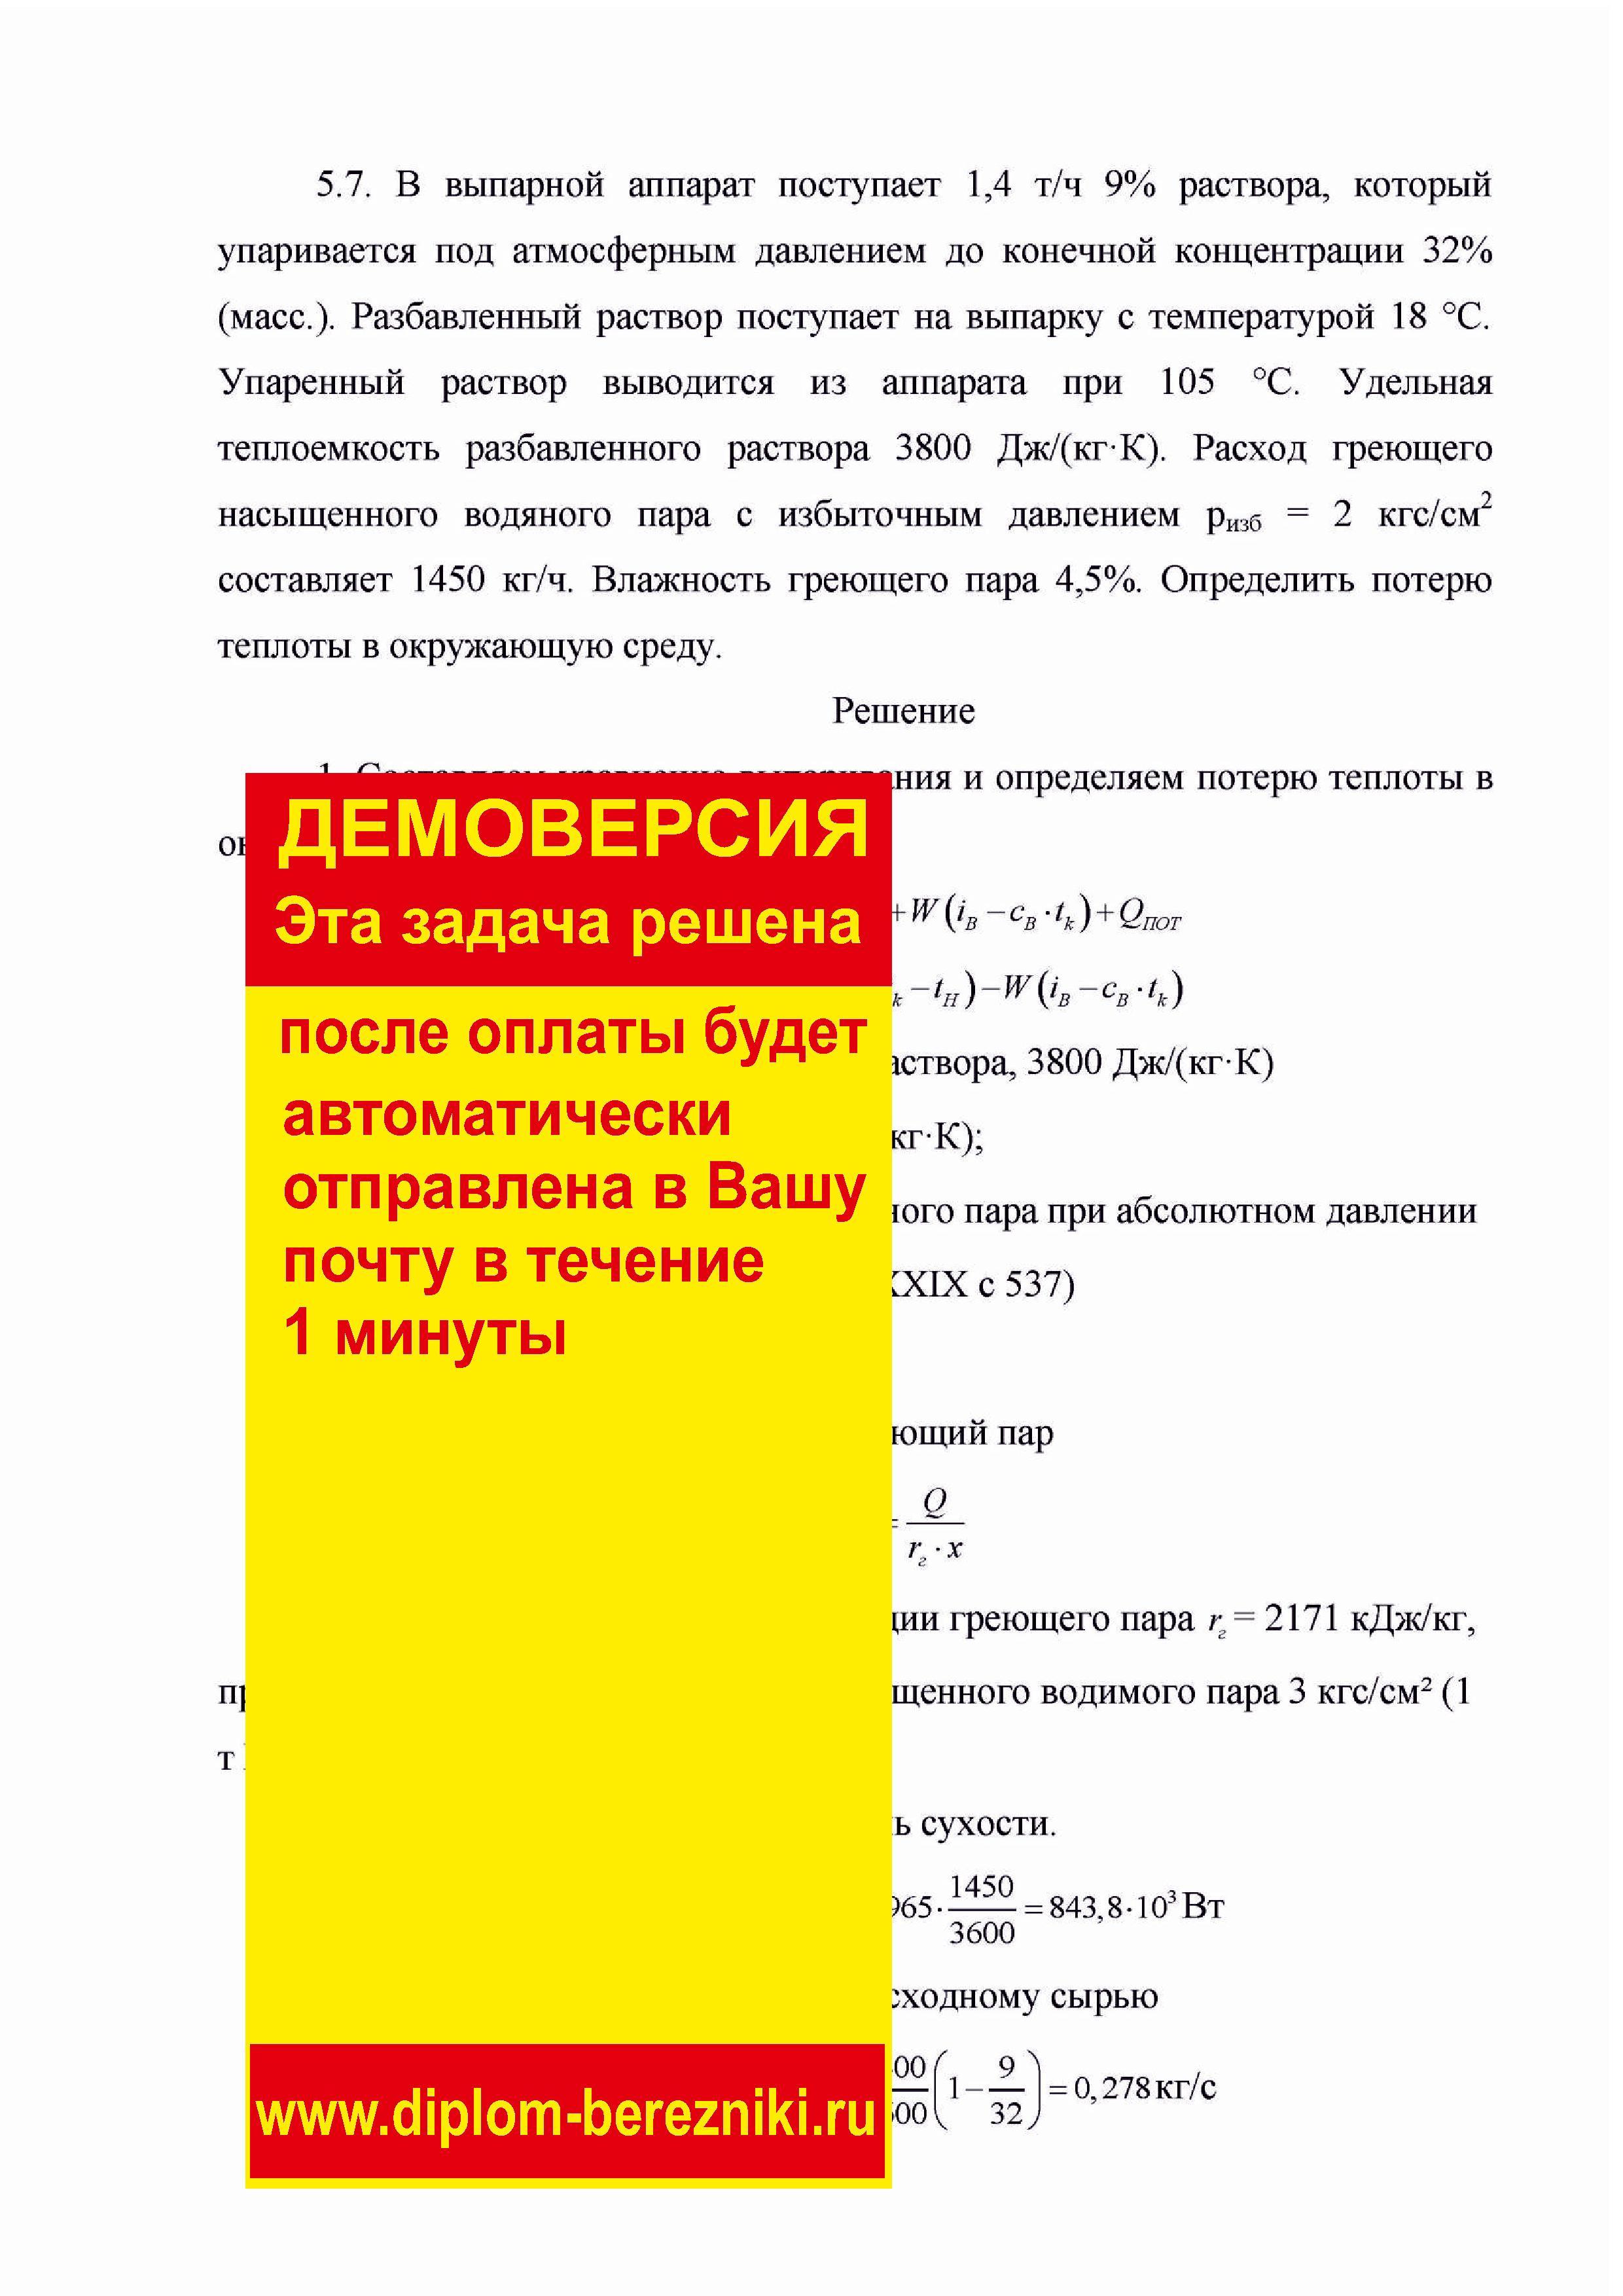 Решение задачи 5.7 по ПАХТ из задачника Павлова Романкова Носкова